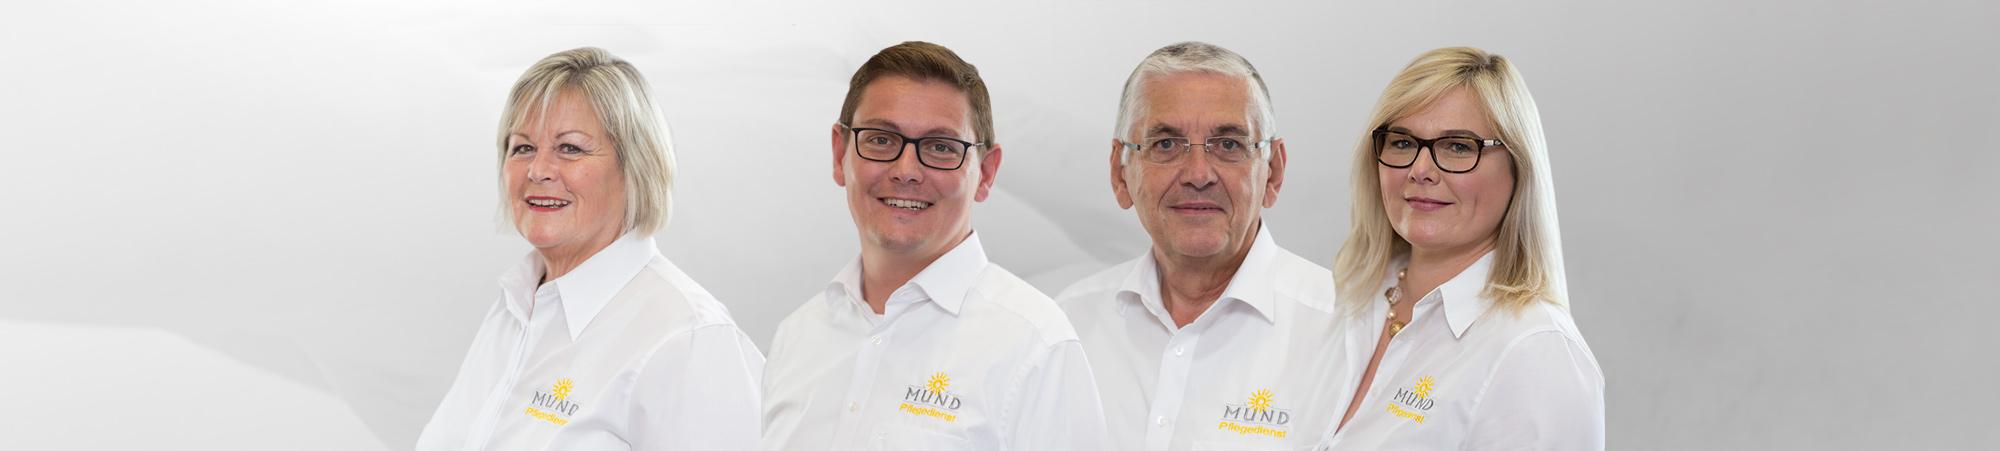 Mund Pflegedienst GmbH